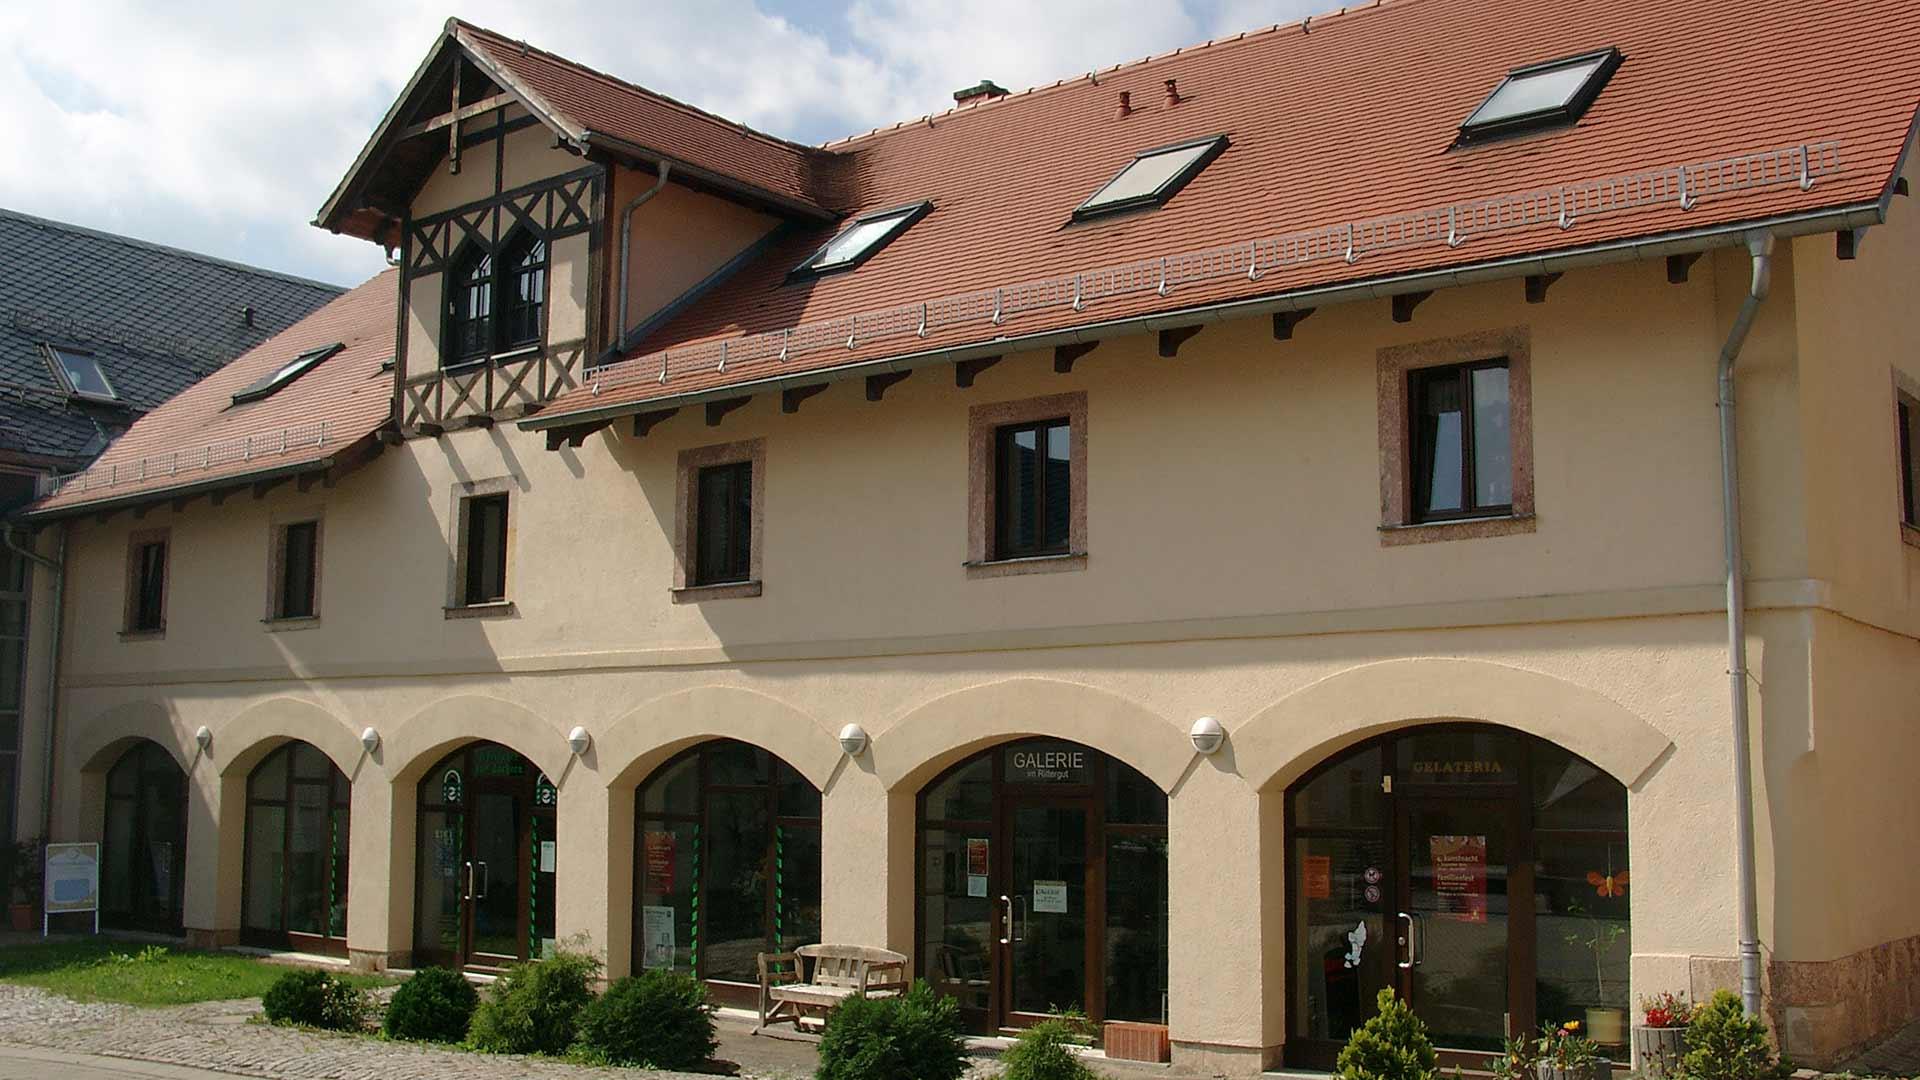 Rittergut Lichtenwalde Wohn-/Geschäftshaus - NACHHER